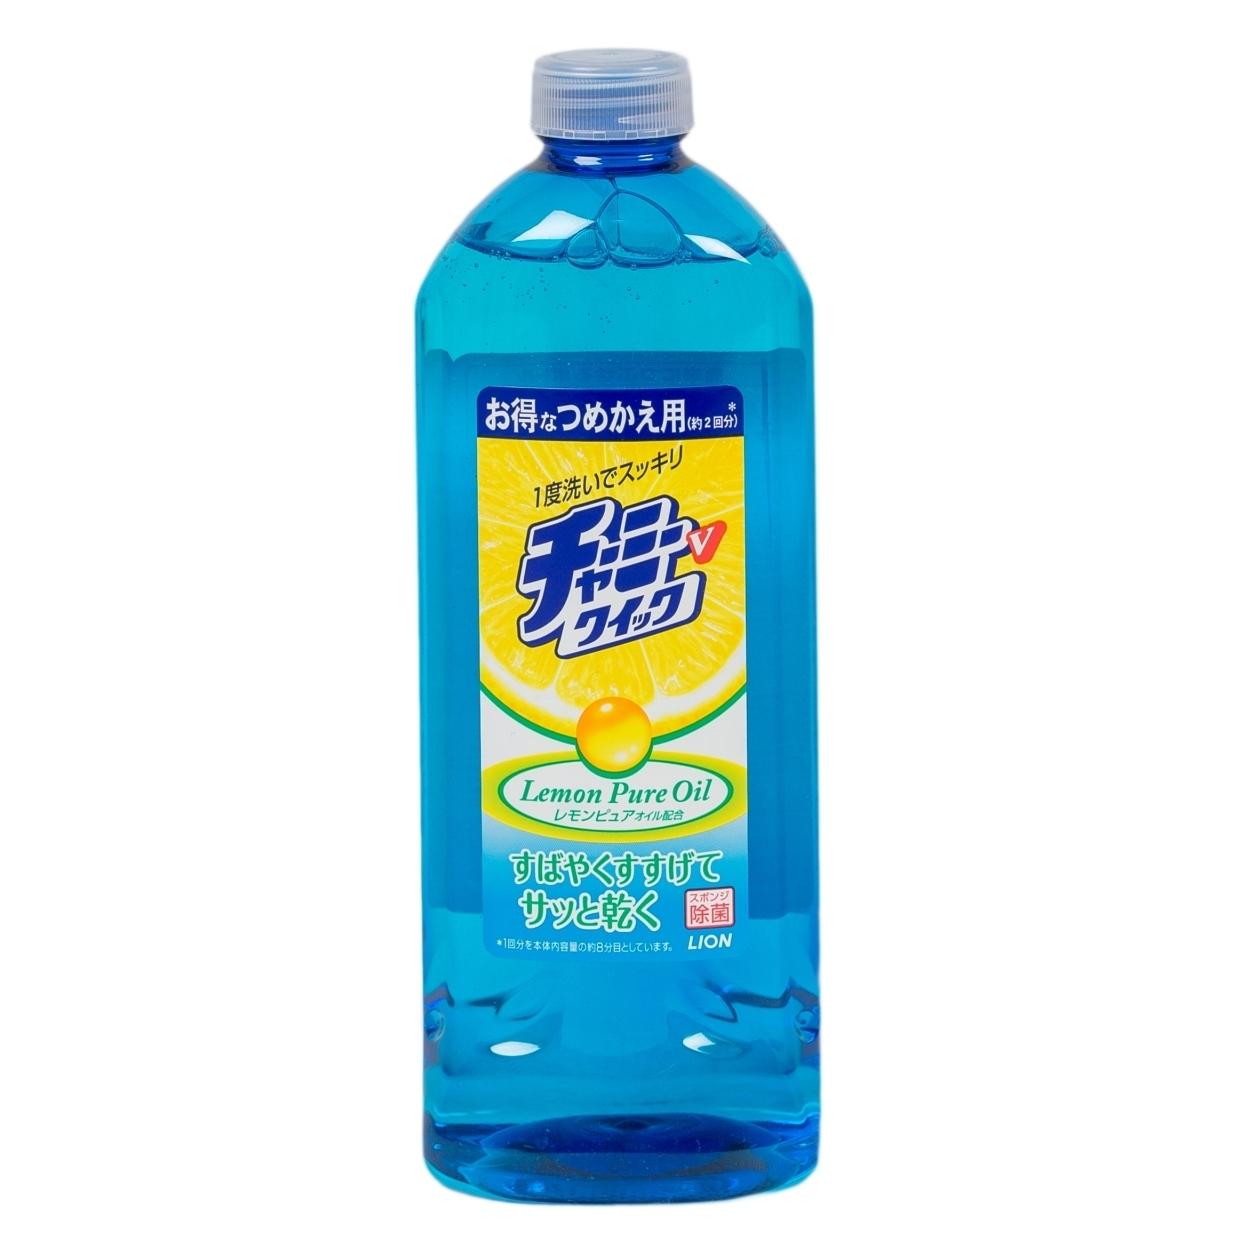 Жидкое средство для мытья посуды Lion Очарование Аромат лимона 260 мл. ( флакон-дозатор)<br>